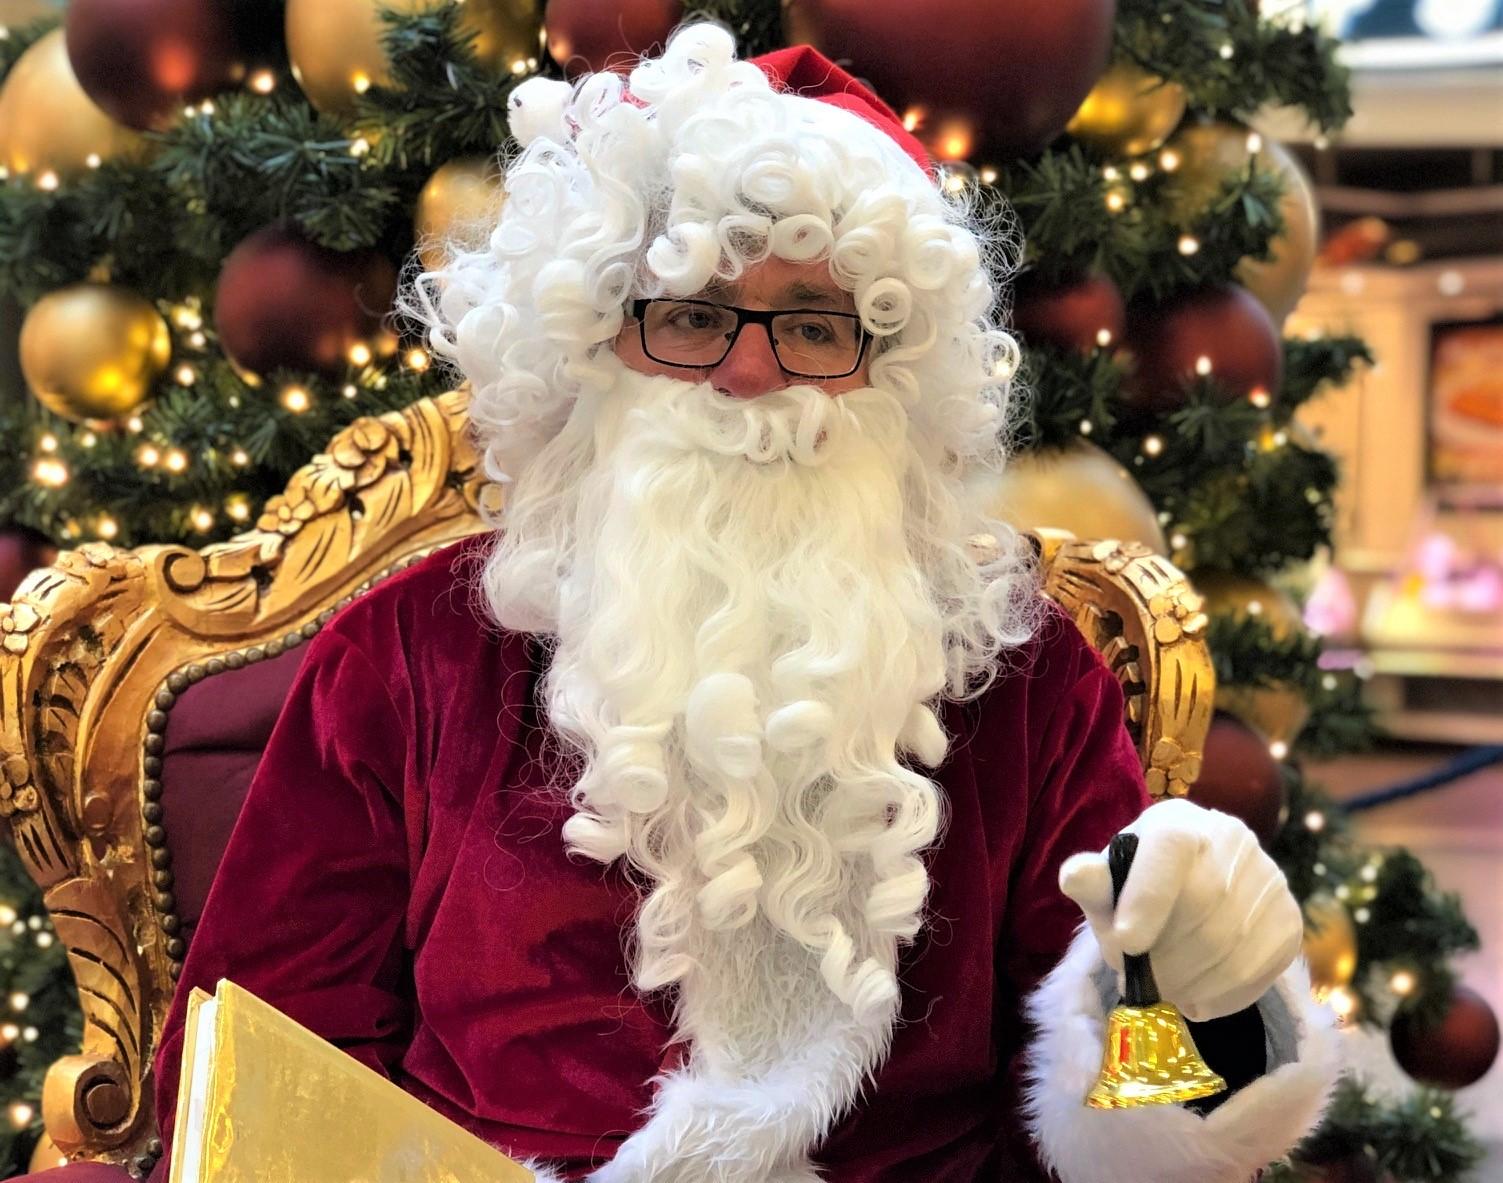 Weiter geht's in Richtung Weihnachten: Nikolausaktion im JEN